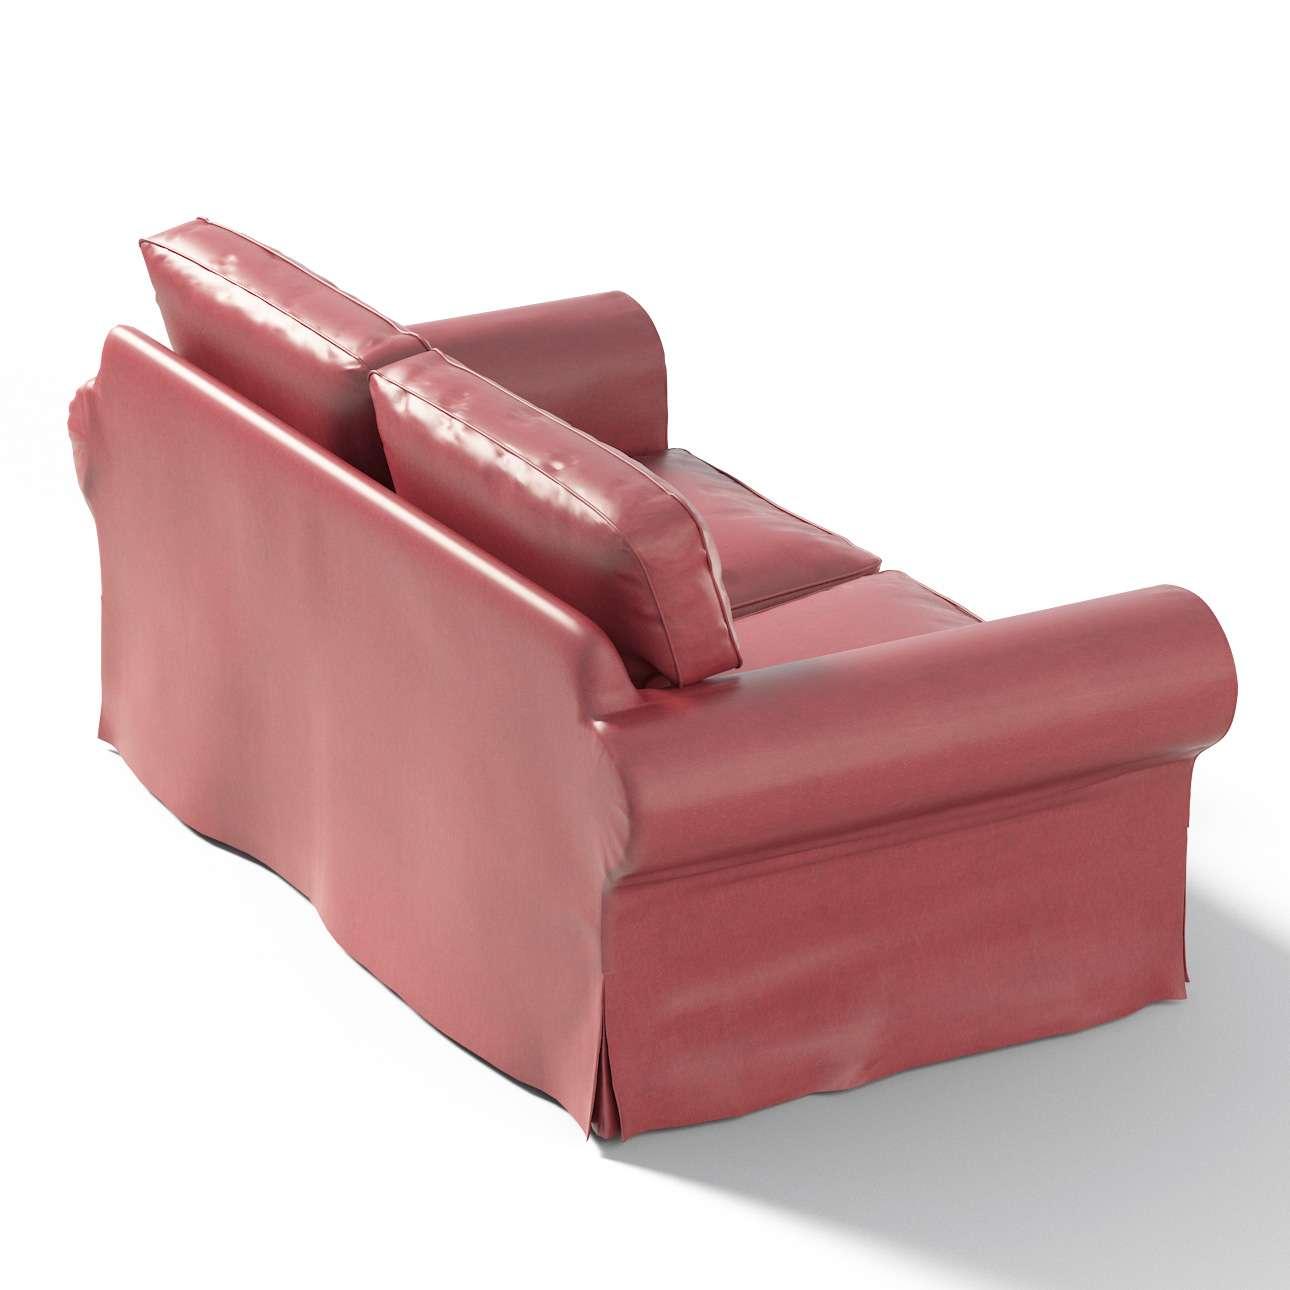 IKEA-hoes voor Ektorp 2-zitsbank - niet uitklapbaar van de collectie SALE, Stof: 104-49